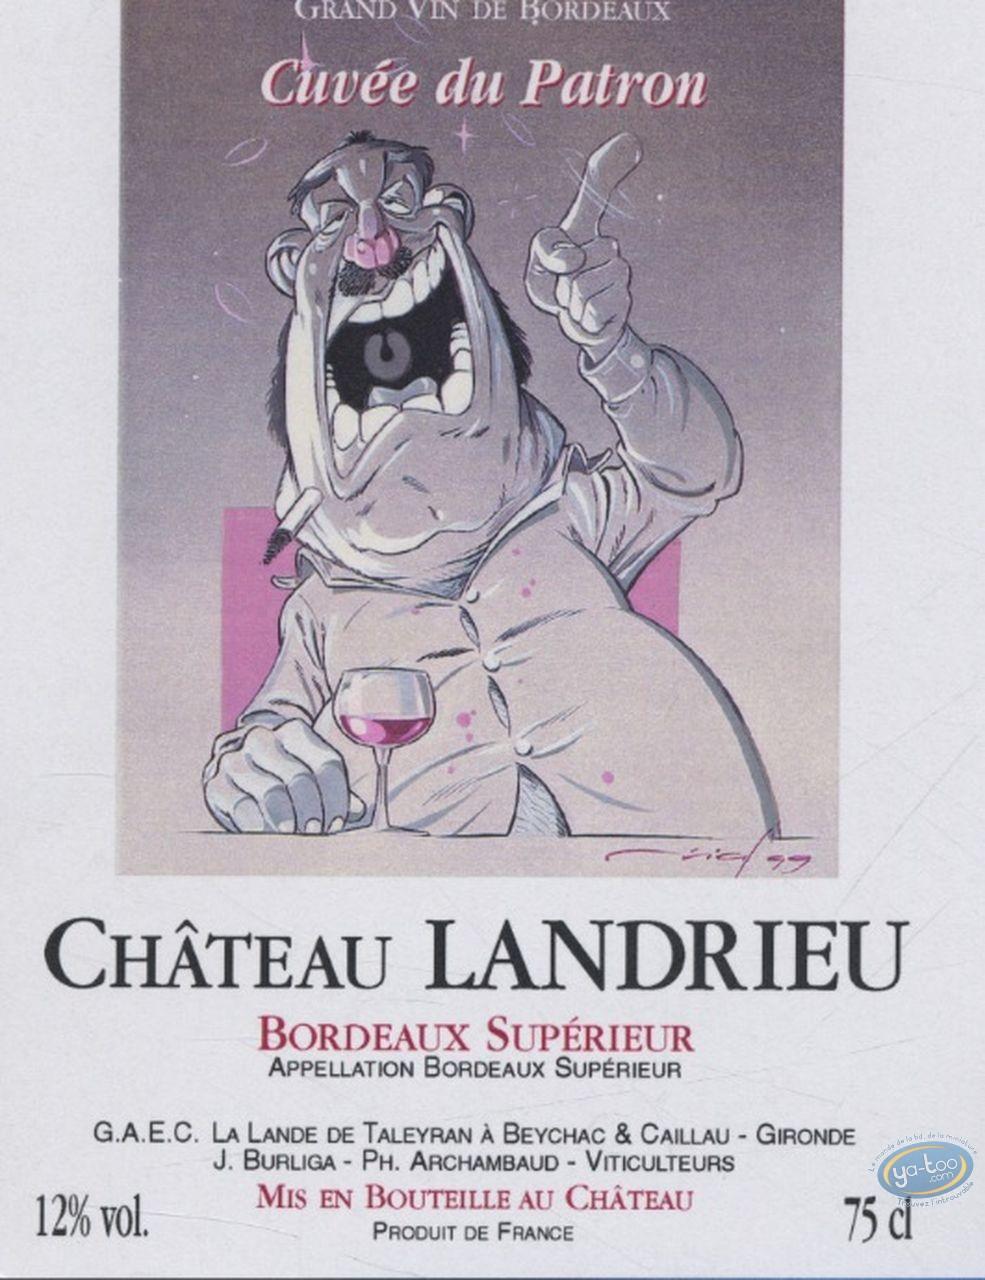 Etiquette de Vin, Le Gros - Chateau Landrieu